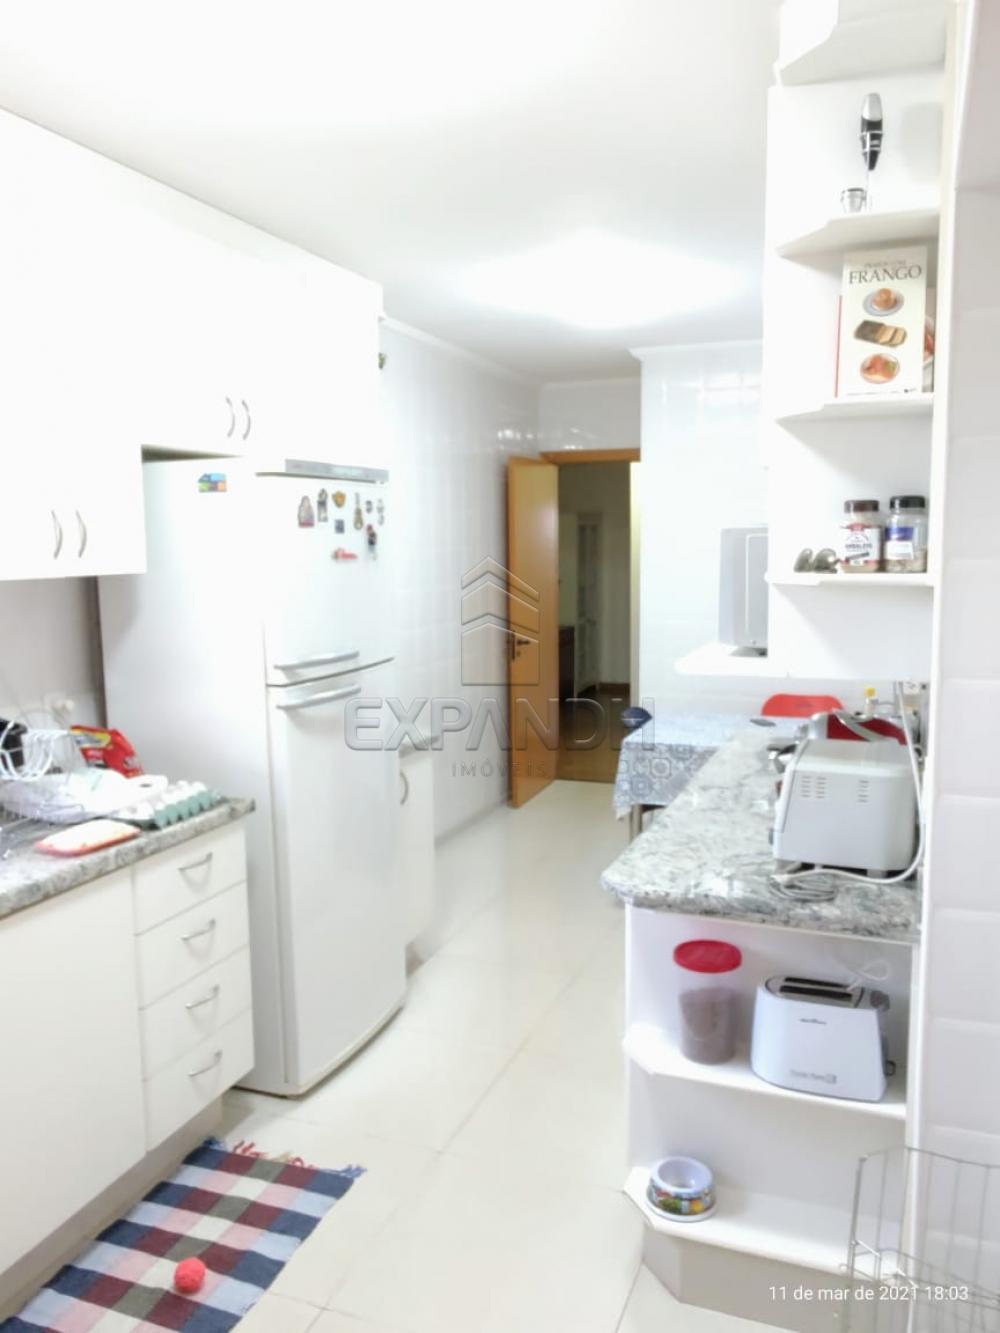 Comprar Apartamentos / Padrão em Sertãozinho R$ 590.000,00 - Foto 7